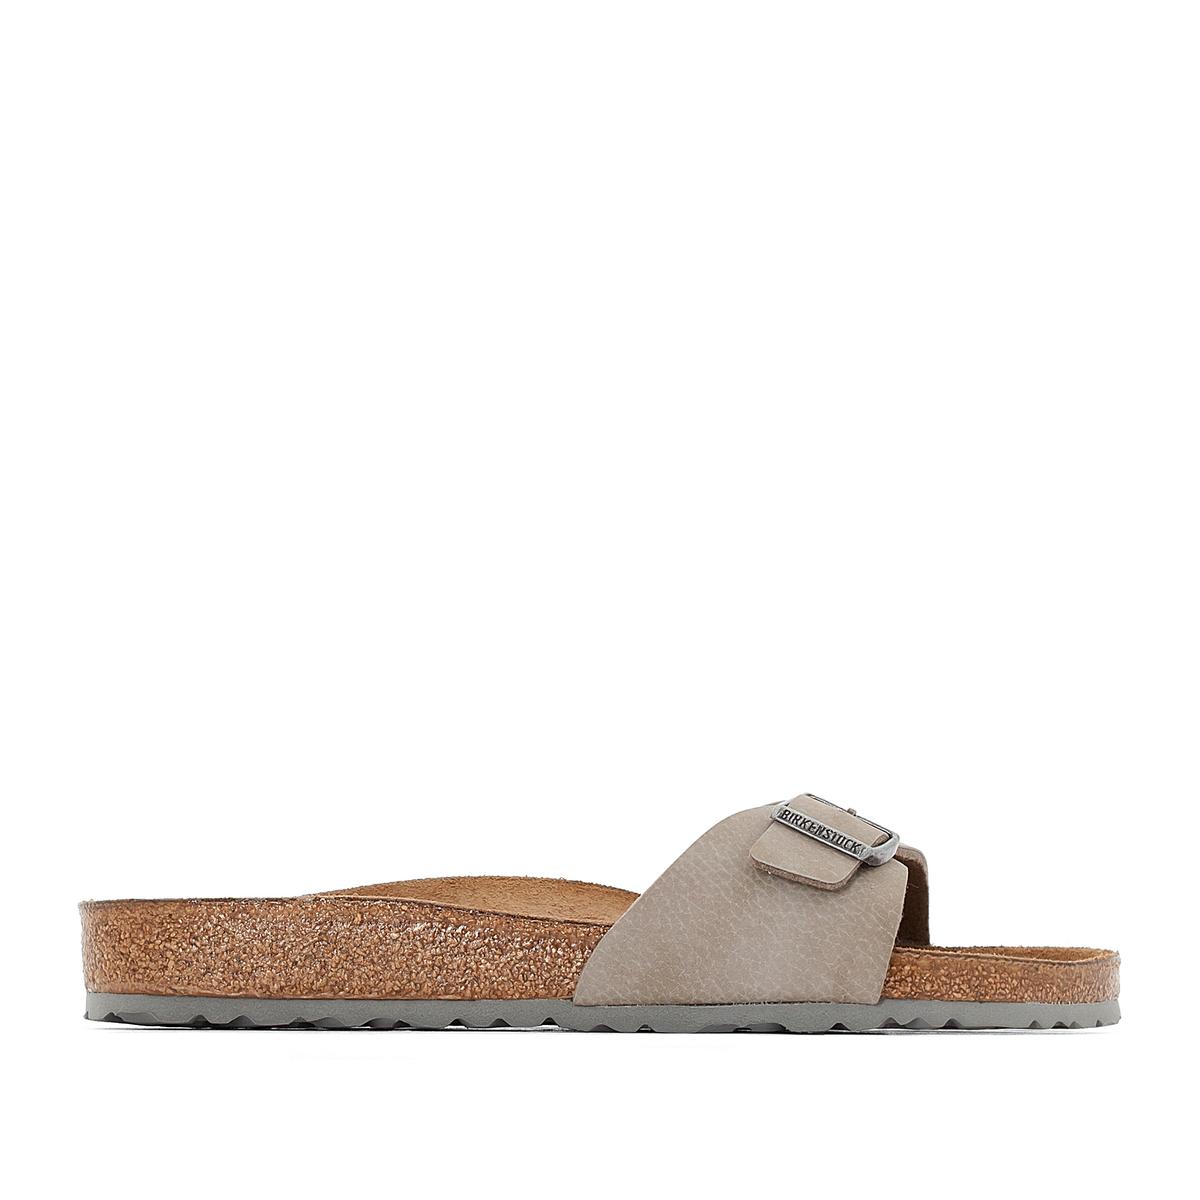 Туфли без задника синтетическиеДетали  •  Туфли без задника •  Застежка : без застежки •  Открытый мысок •  Гладкая отделкаСостав и уход  •  Верх 100% синтетический материал •  Подкладка 100% текстиль •  Стелька 100% кожа •  Подошва 100% ЭВА<br><br>Цвет: бежевый<br>Размер: 43